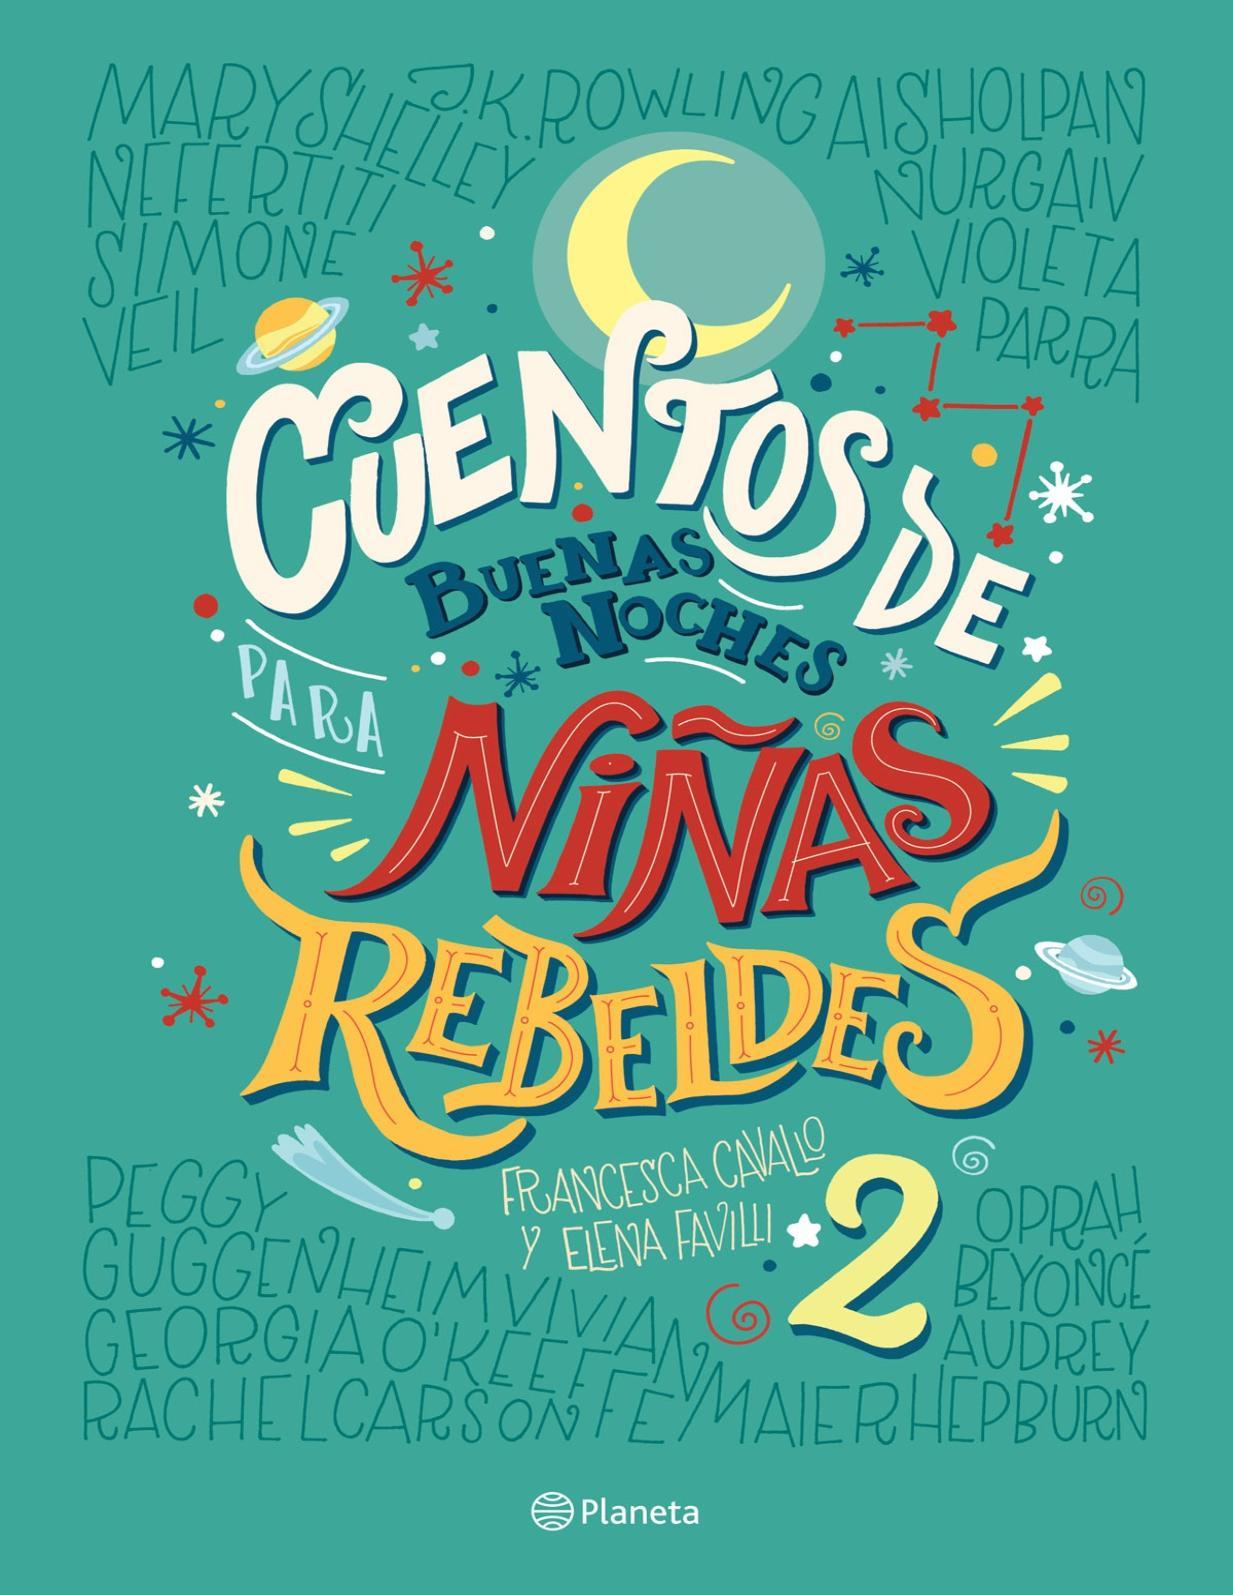 cc100278cb1f Calaméo - Cuentos De Buenas Noches Para Niñas Rebeldes 2